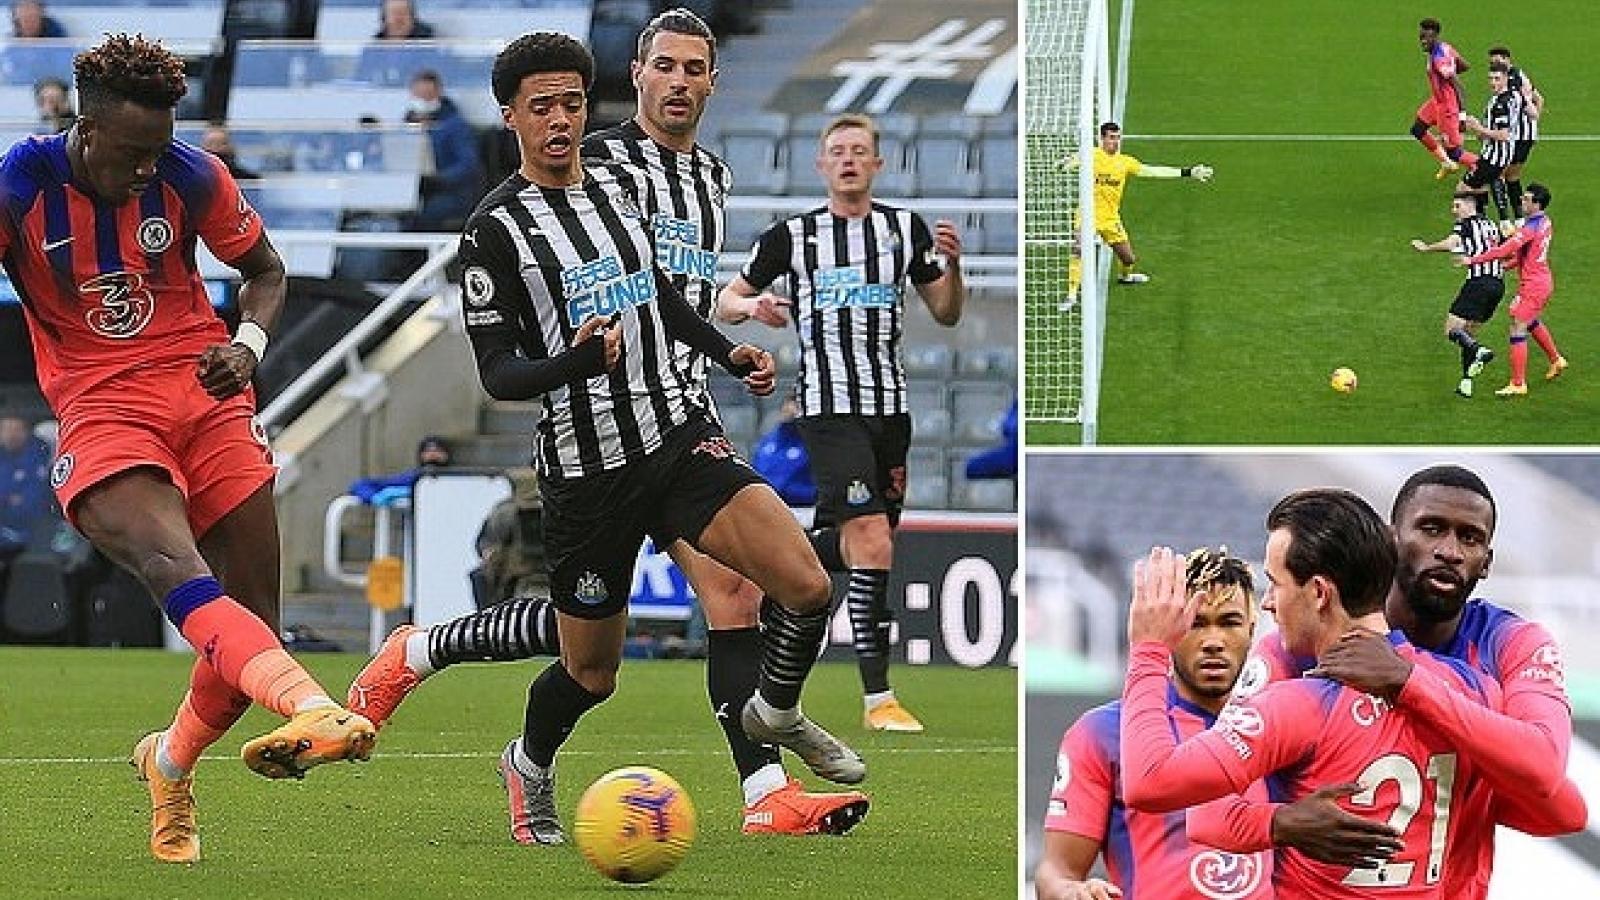 Hạ gục Newcastle với bàn thắng đầy tiểu xảo, Chelsea dẫn đầu Premier League